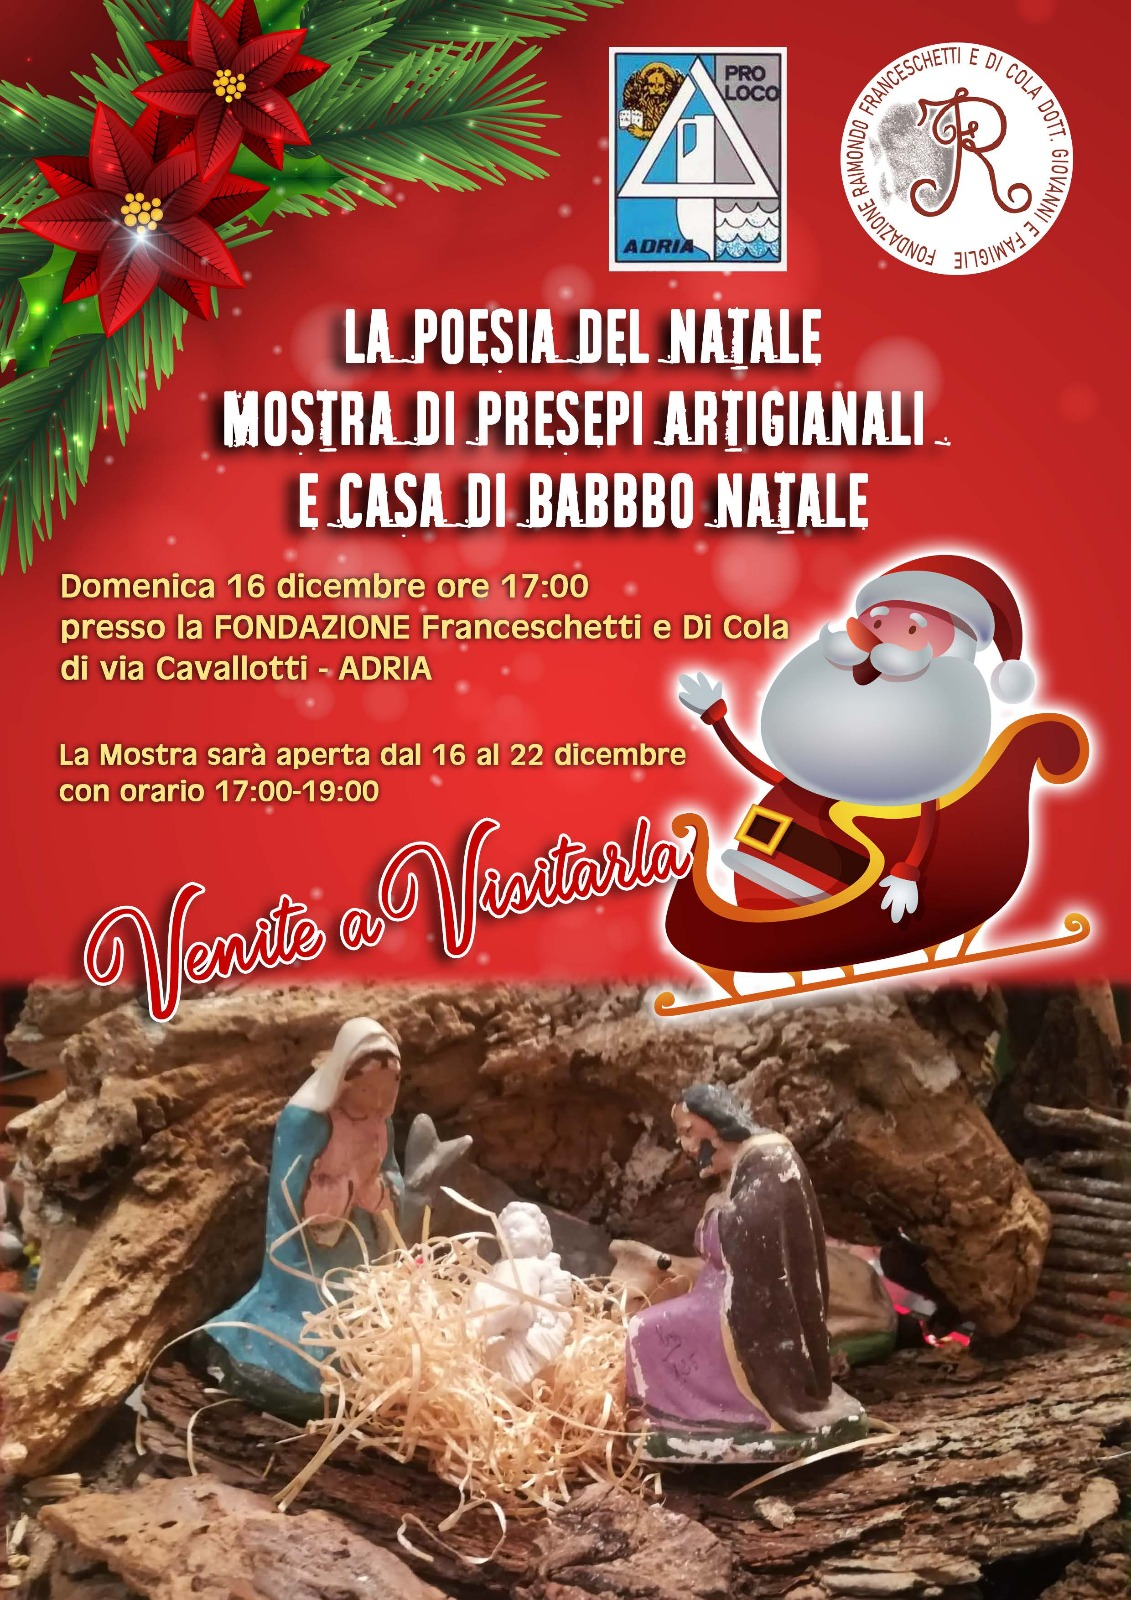 Poesie Di Natale 3 Media.Fond Ne Franceschetti E Di Cola La Poesia Del Natale Mostra Di